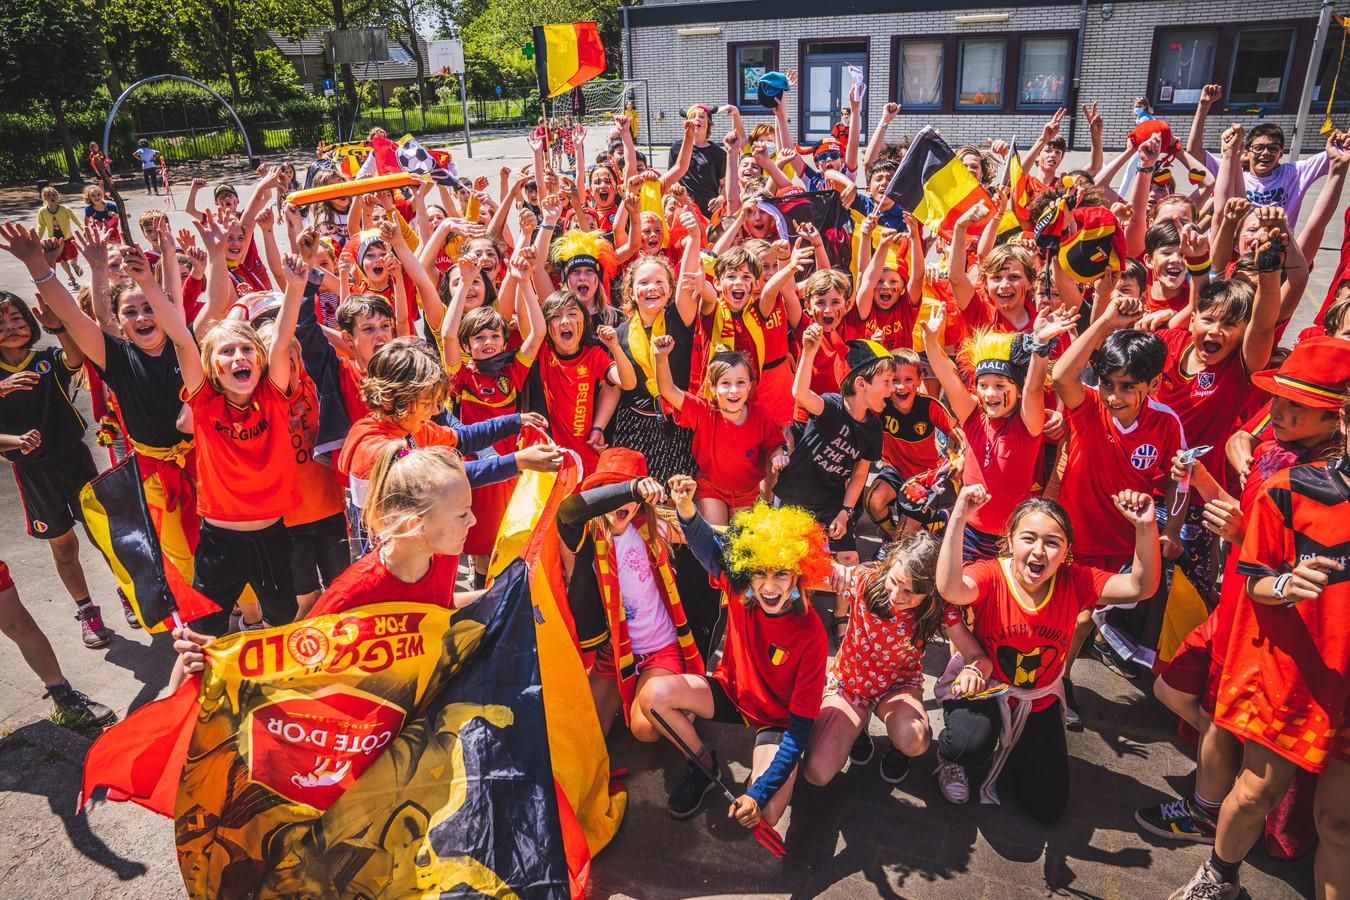 De kinderen van De Wijze Eik in de Eeklostraat in Mariakerke zijn er van overtuigd dat de Belgen kampioen spelen